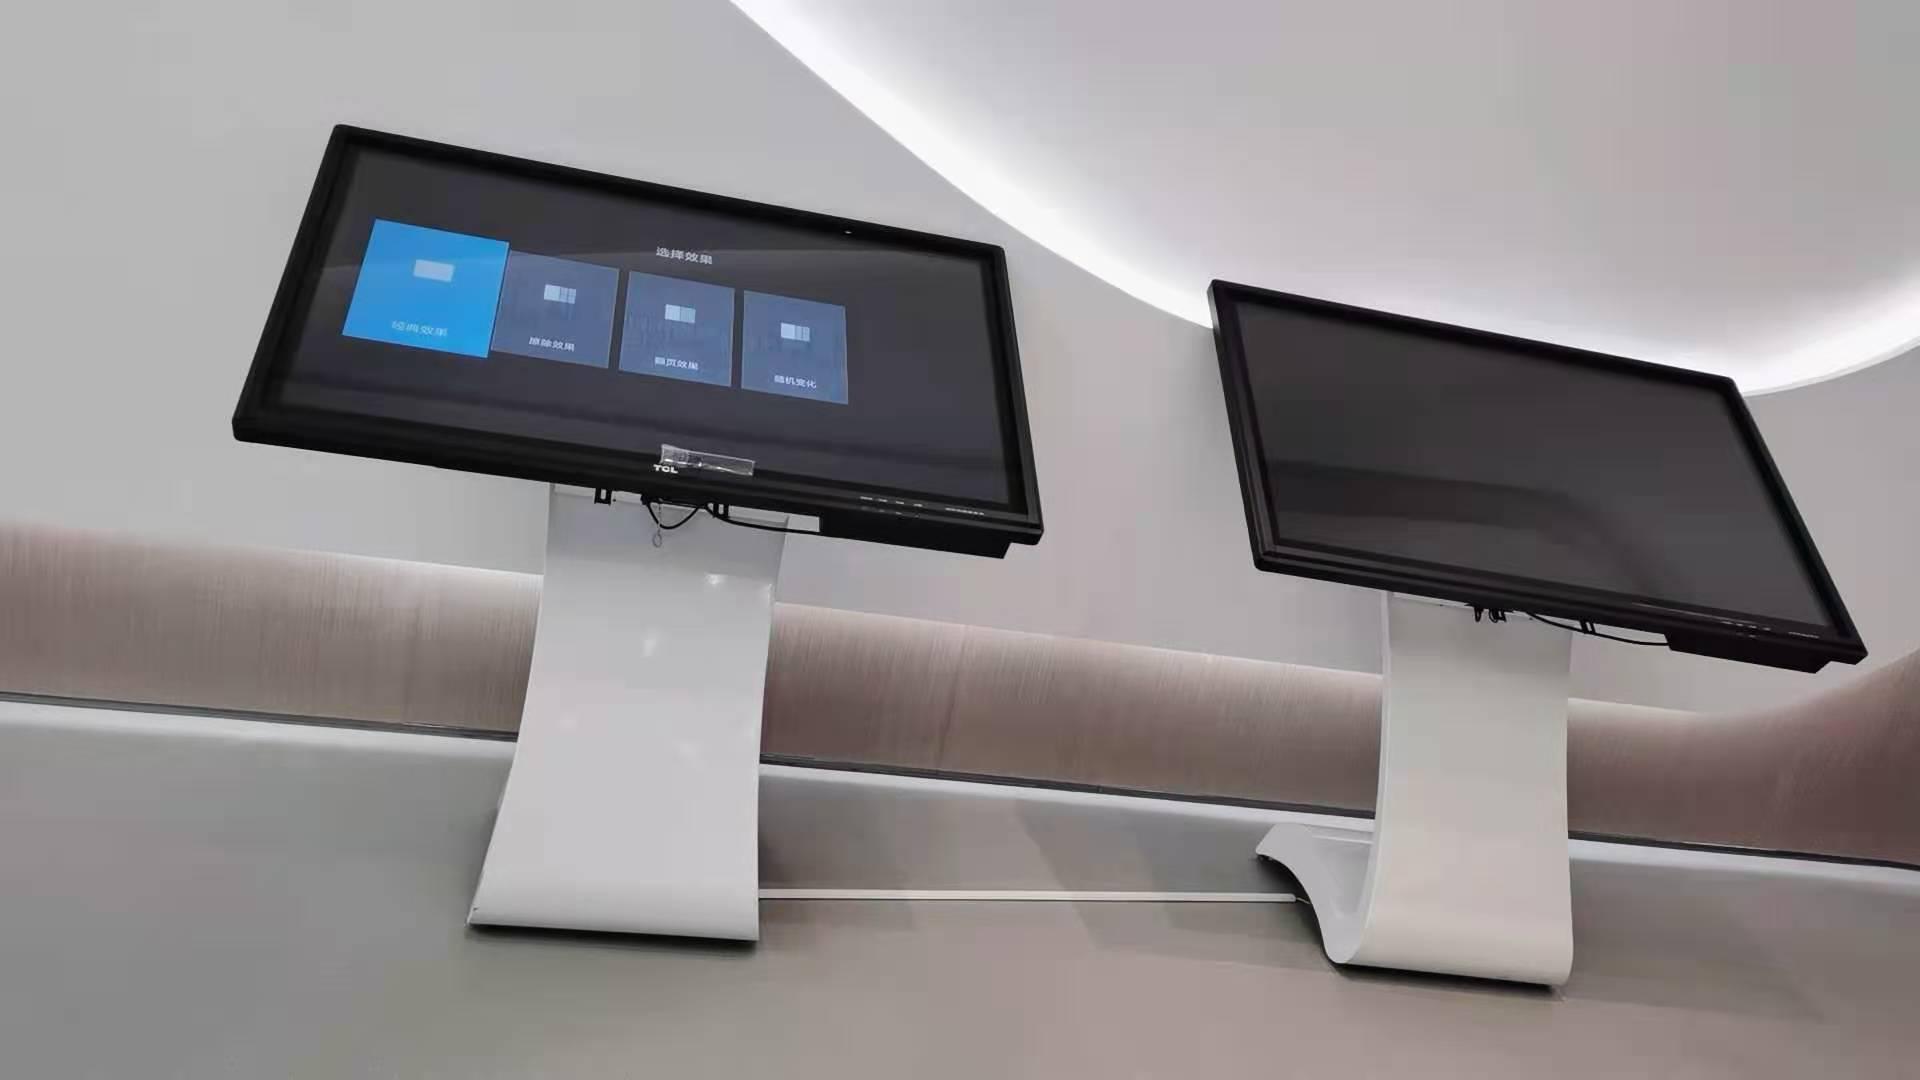 深圳某售楼部55寸3.5mm3x4项目+卧式触摸一体机